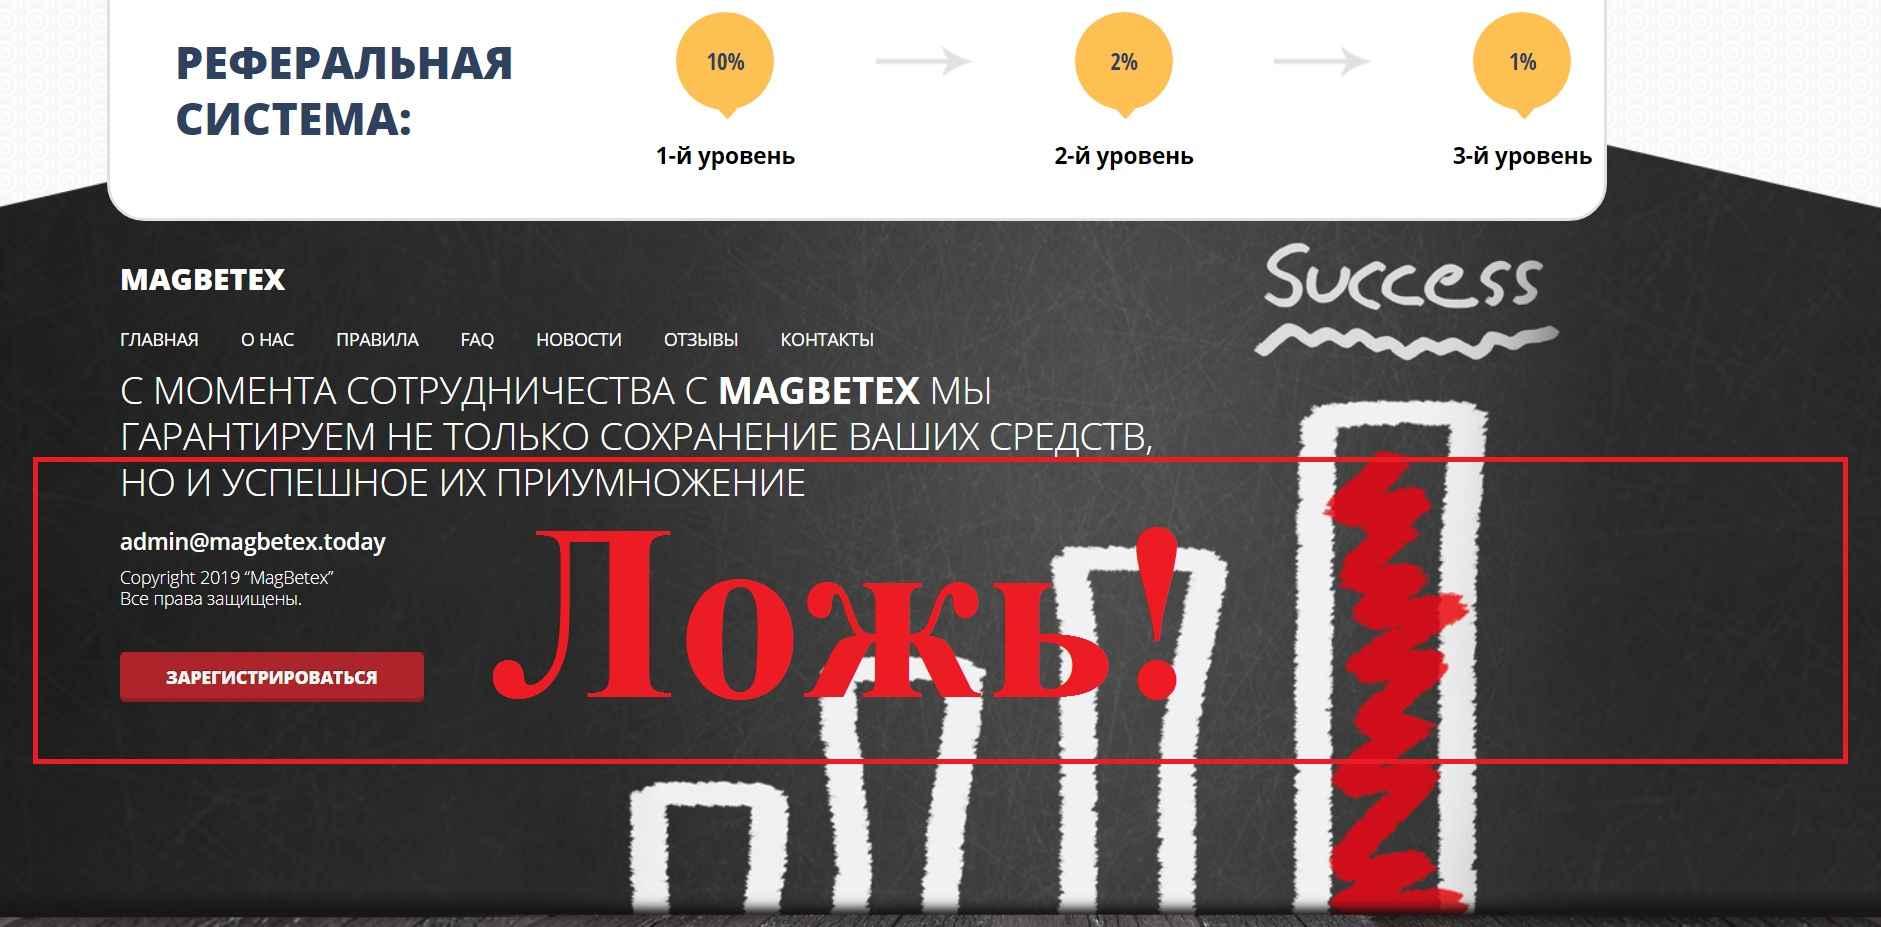 MagBetex – честные отзывы о magbetex.today